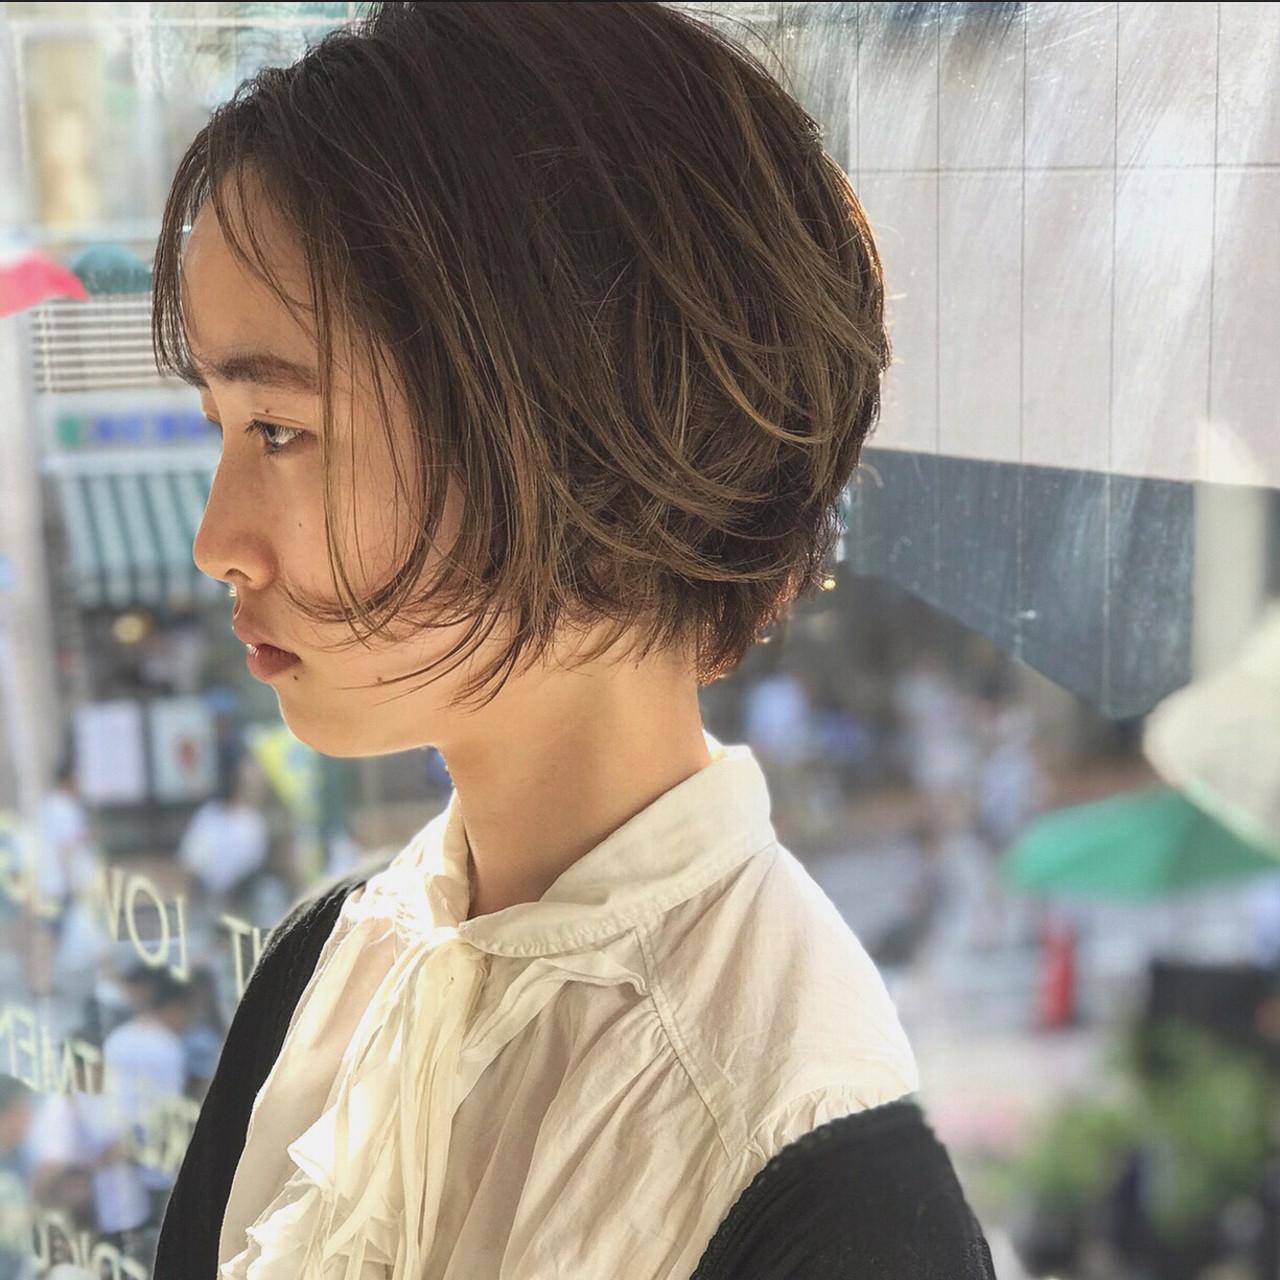 ハイライトたっぷりで立体感アップ 再現出来るショートヘア小山千覚kakimoto arms新宿店